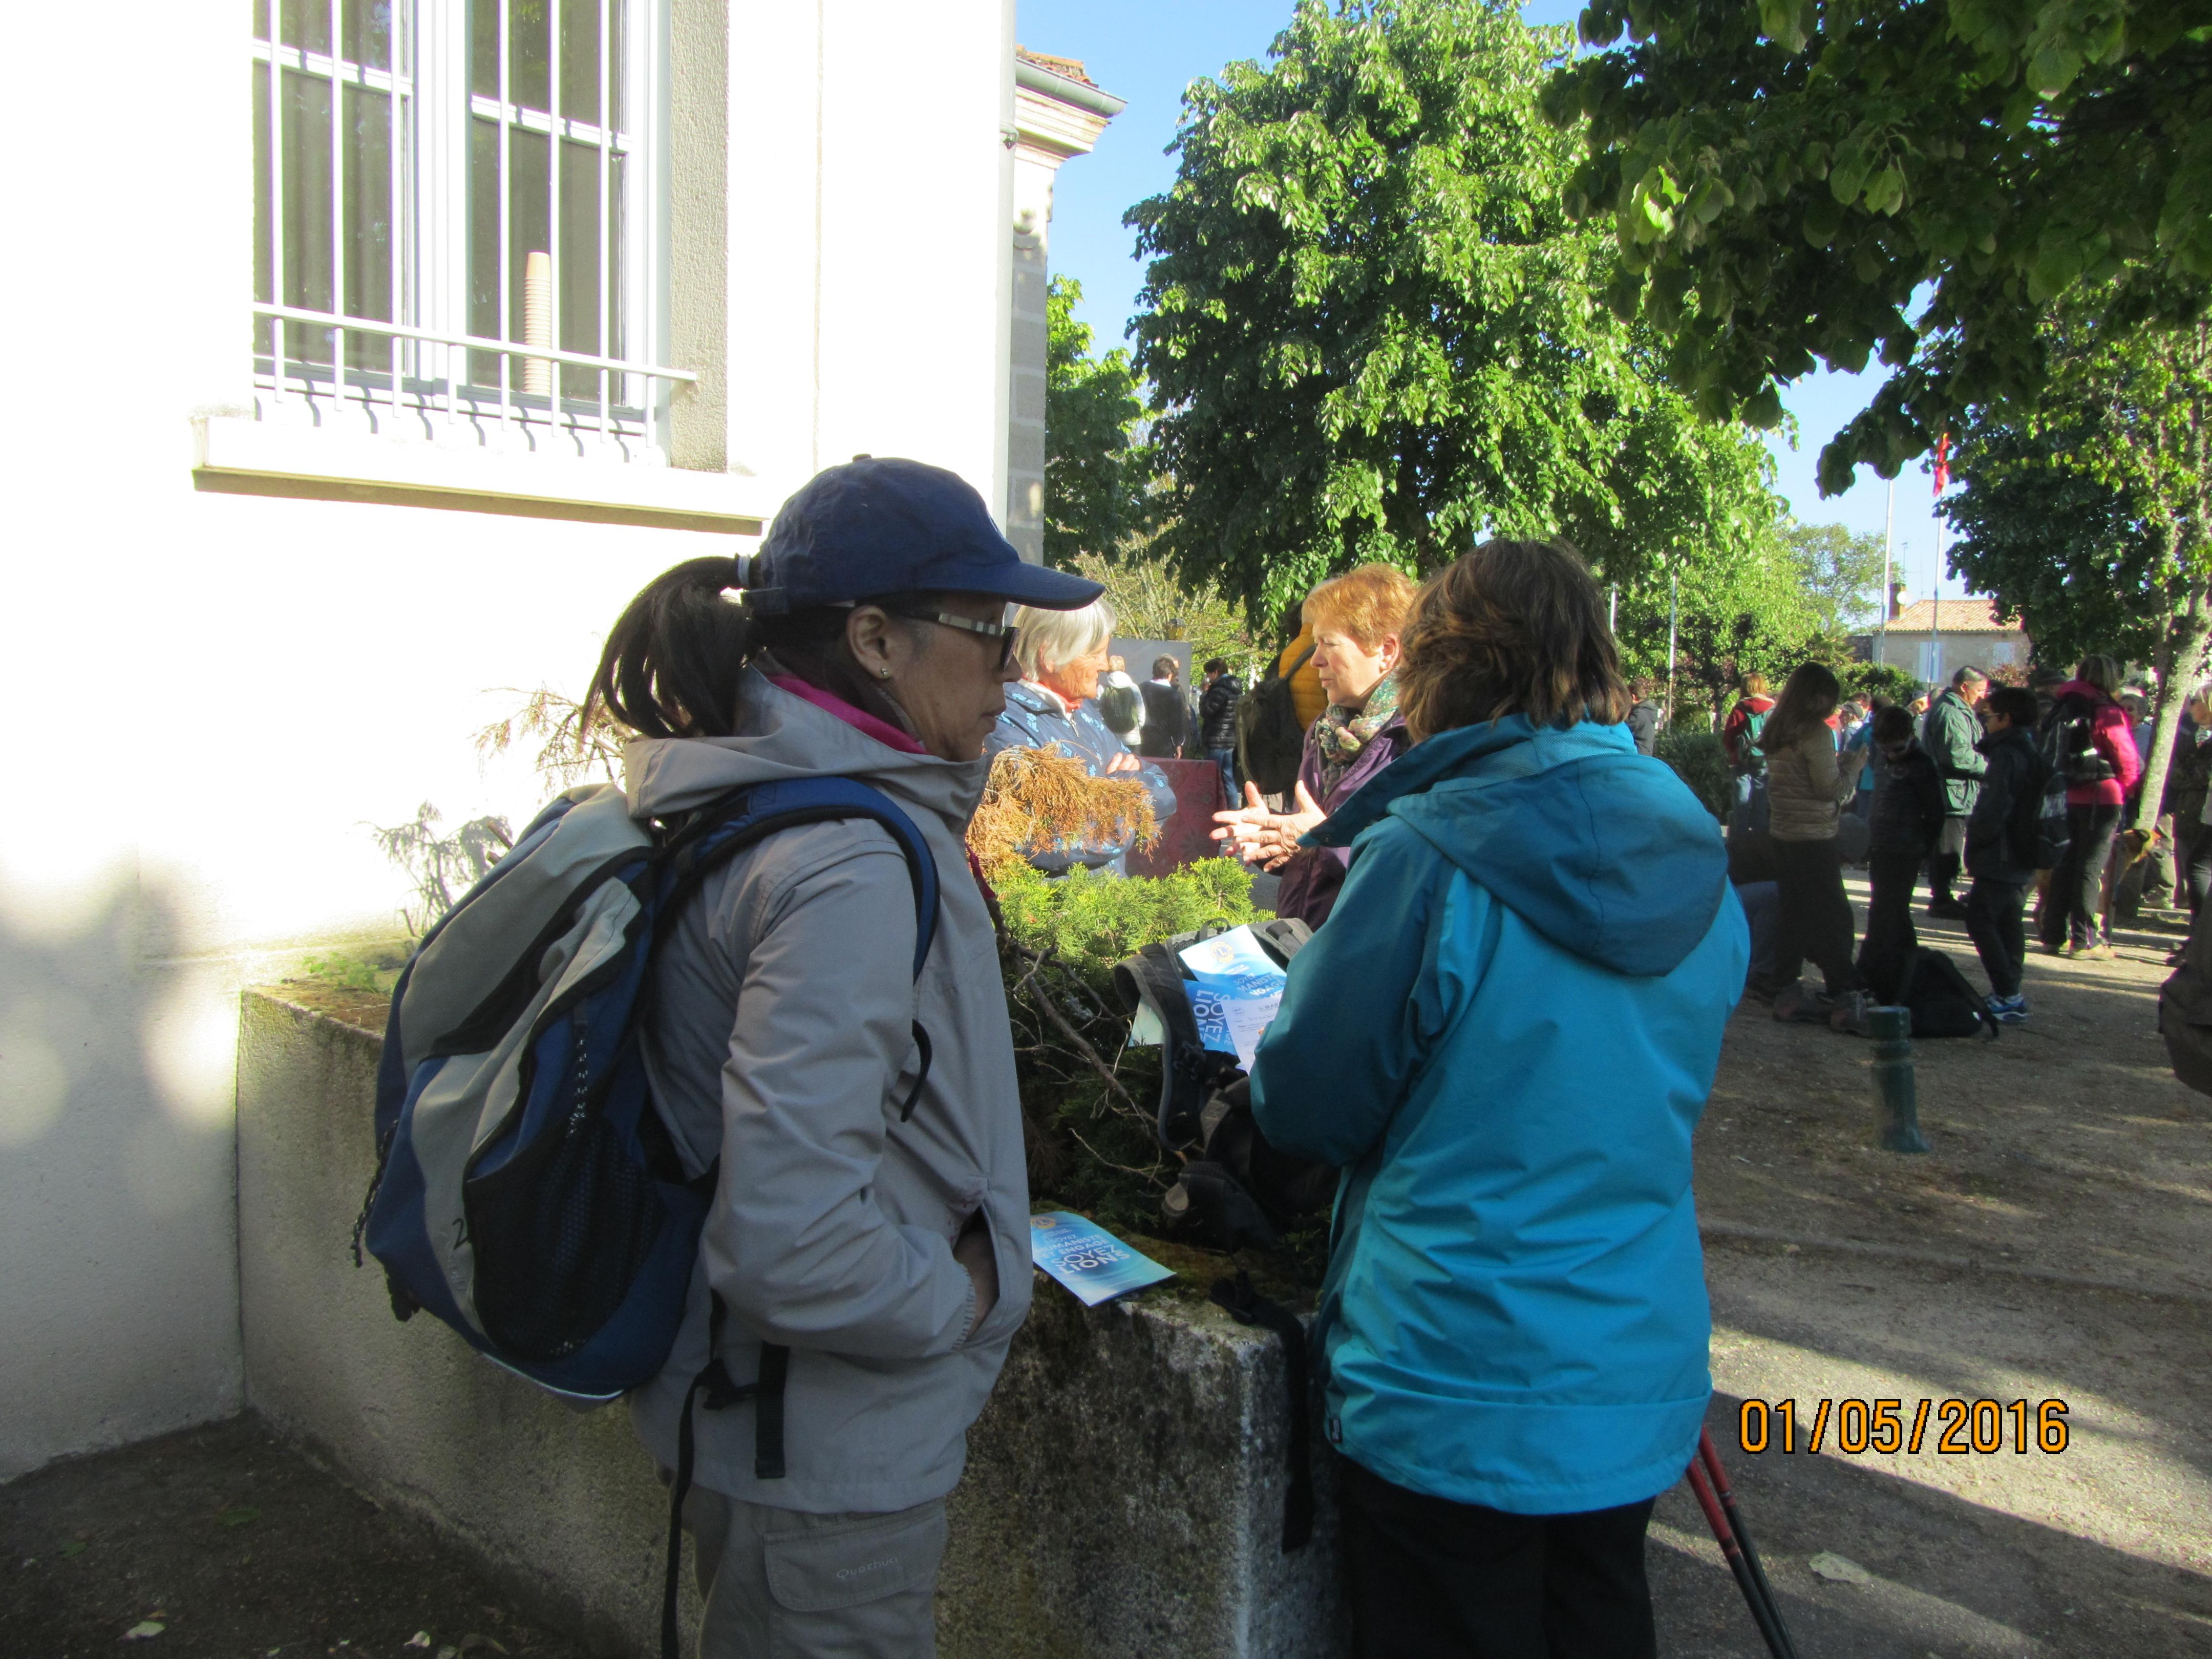 Balades_du_dimanche_Sauternes_1_Mai_2016 (1)